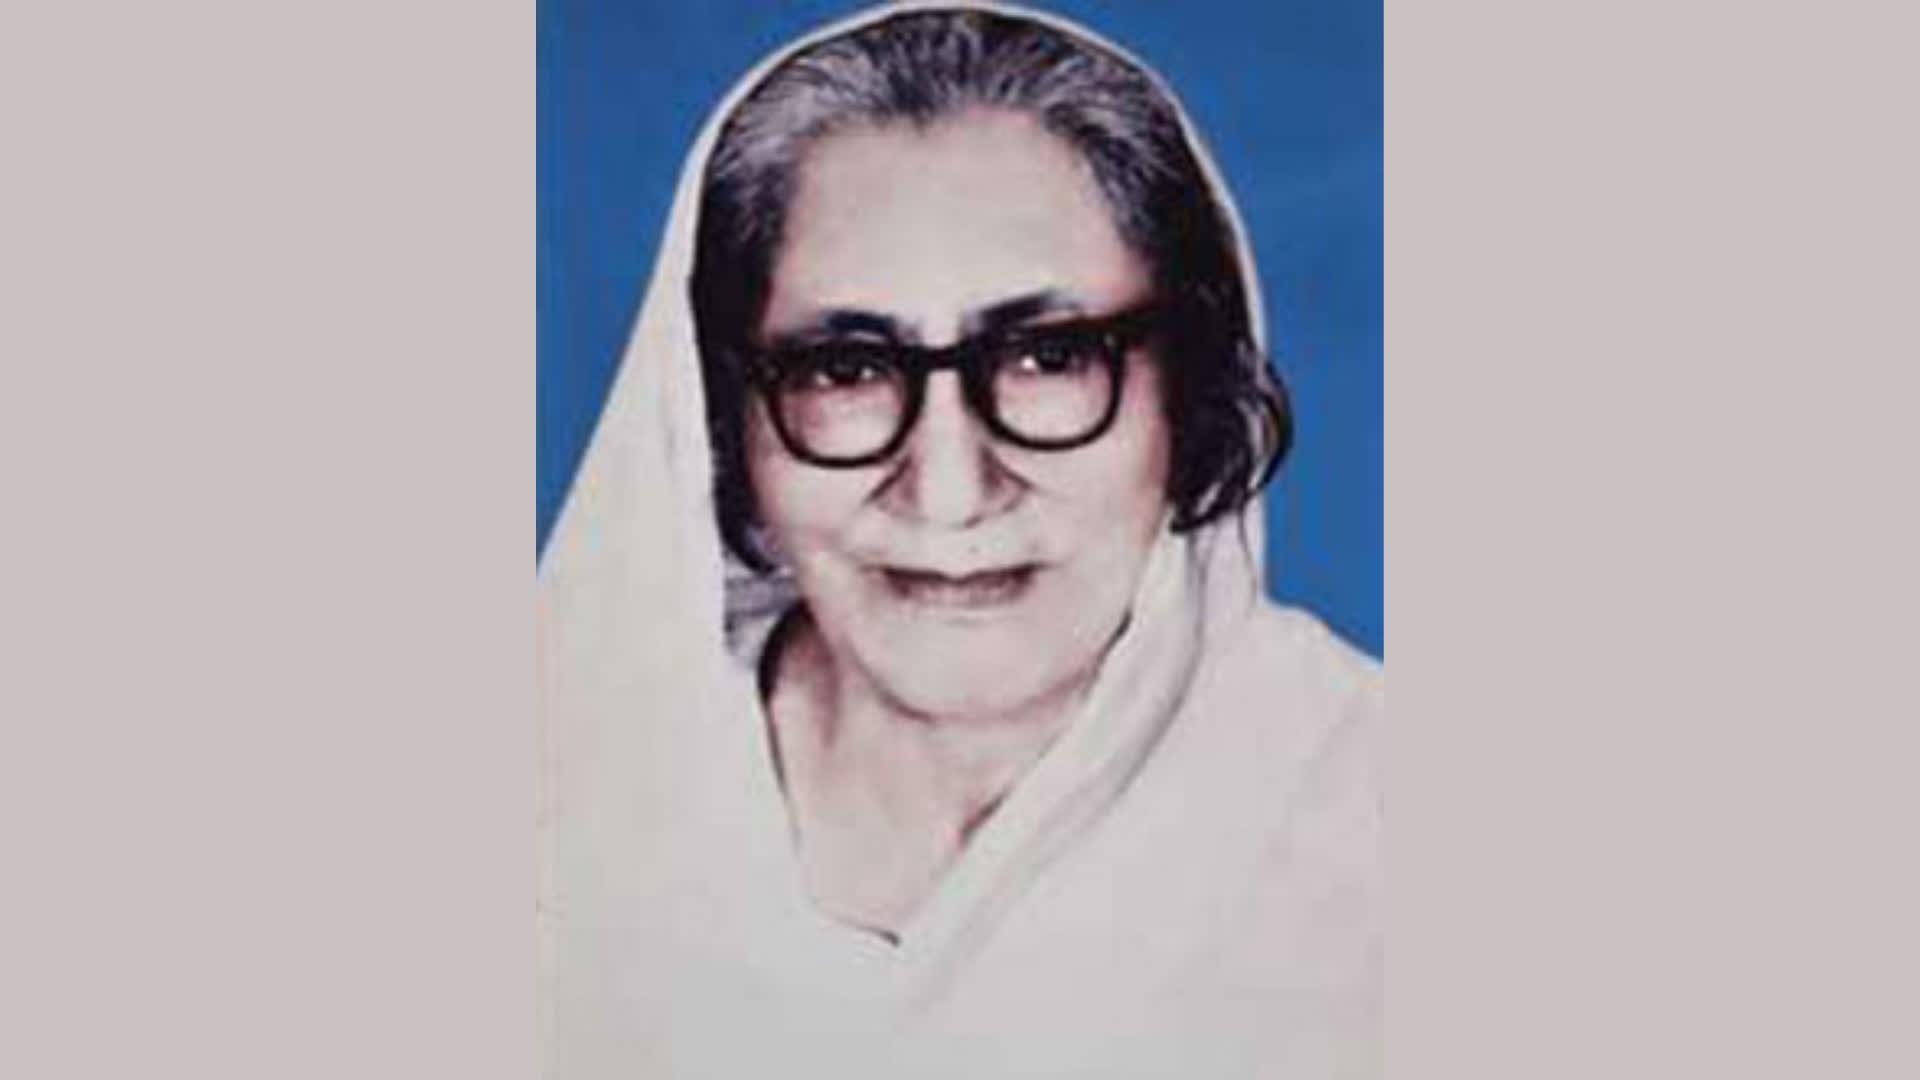 नलिनी बाला देवी: असमिया साहित्य की महान कवयित्री